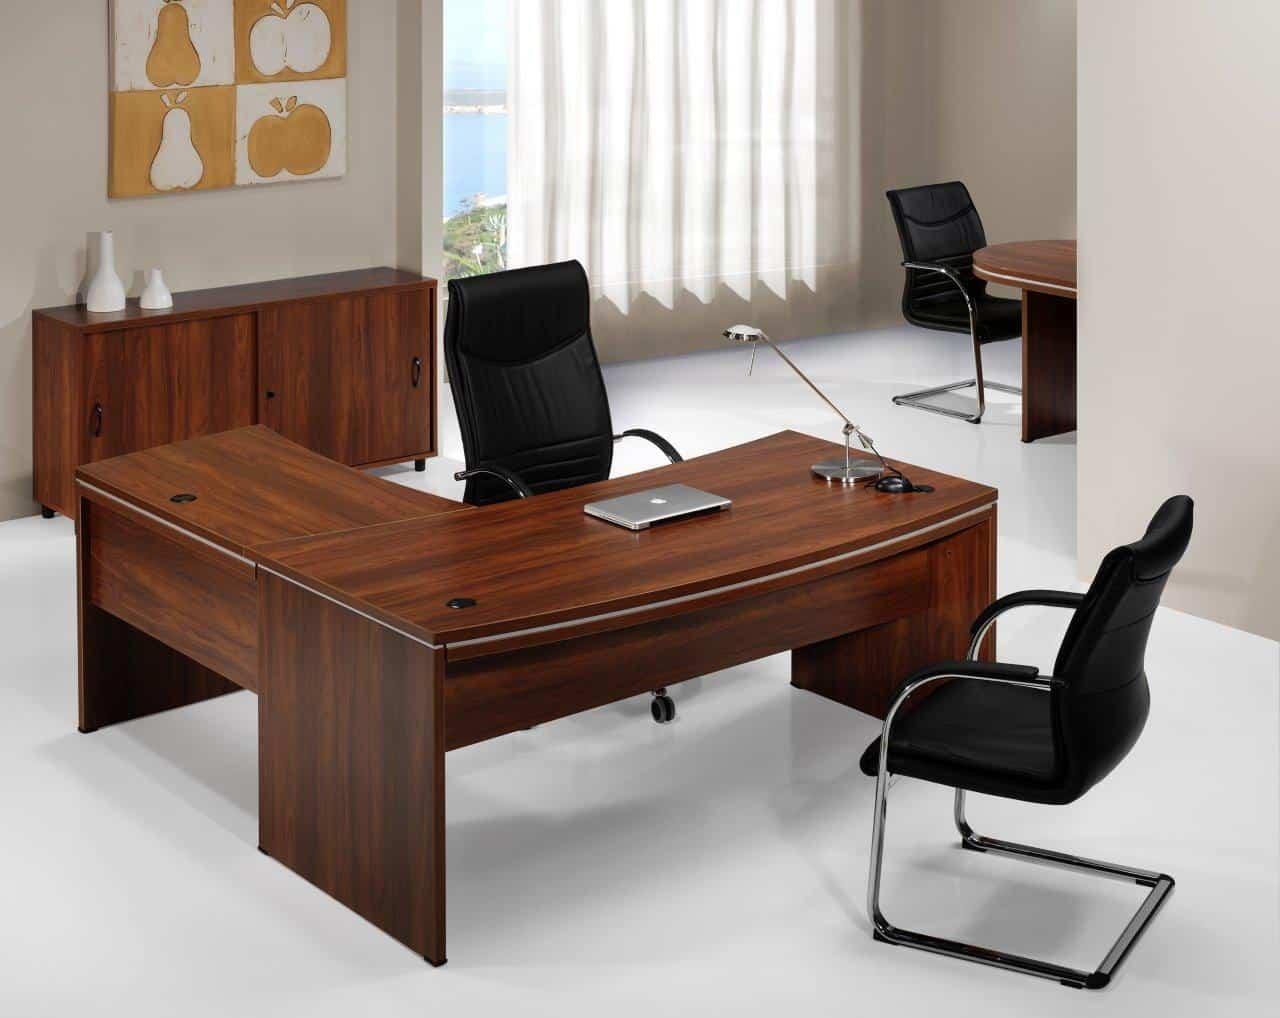 COLINA despacho nogal